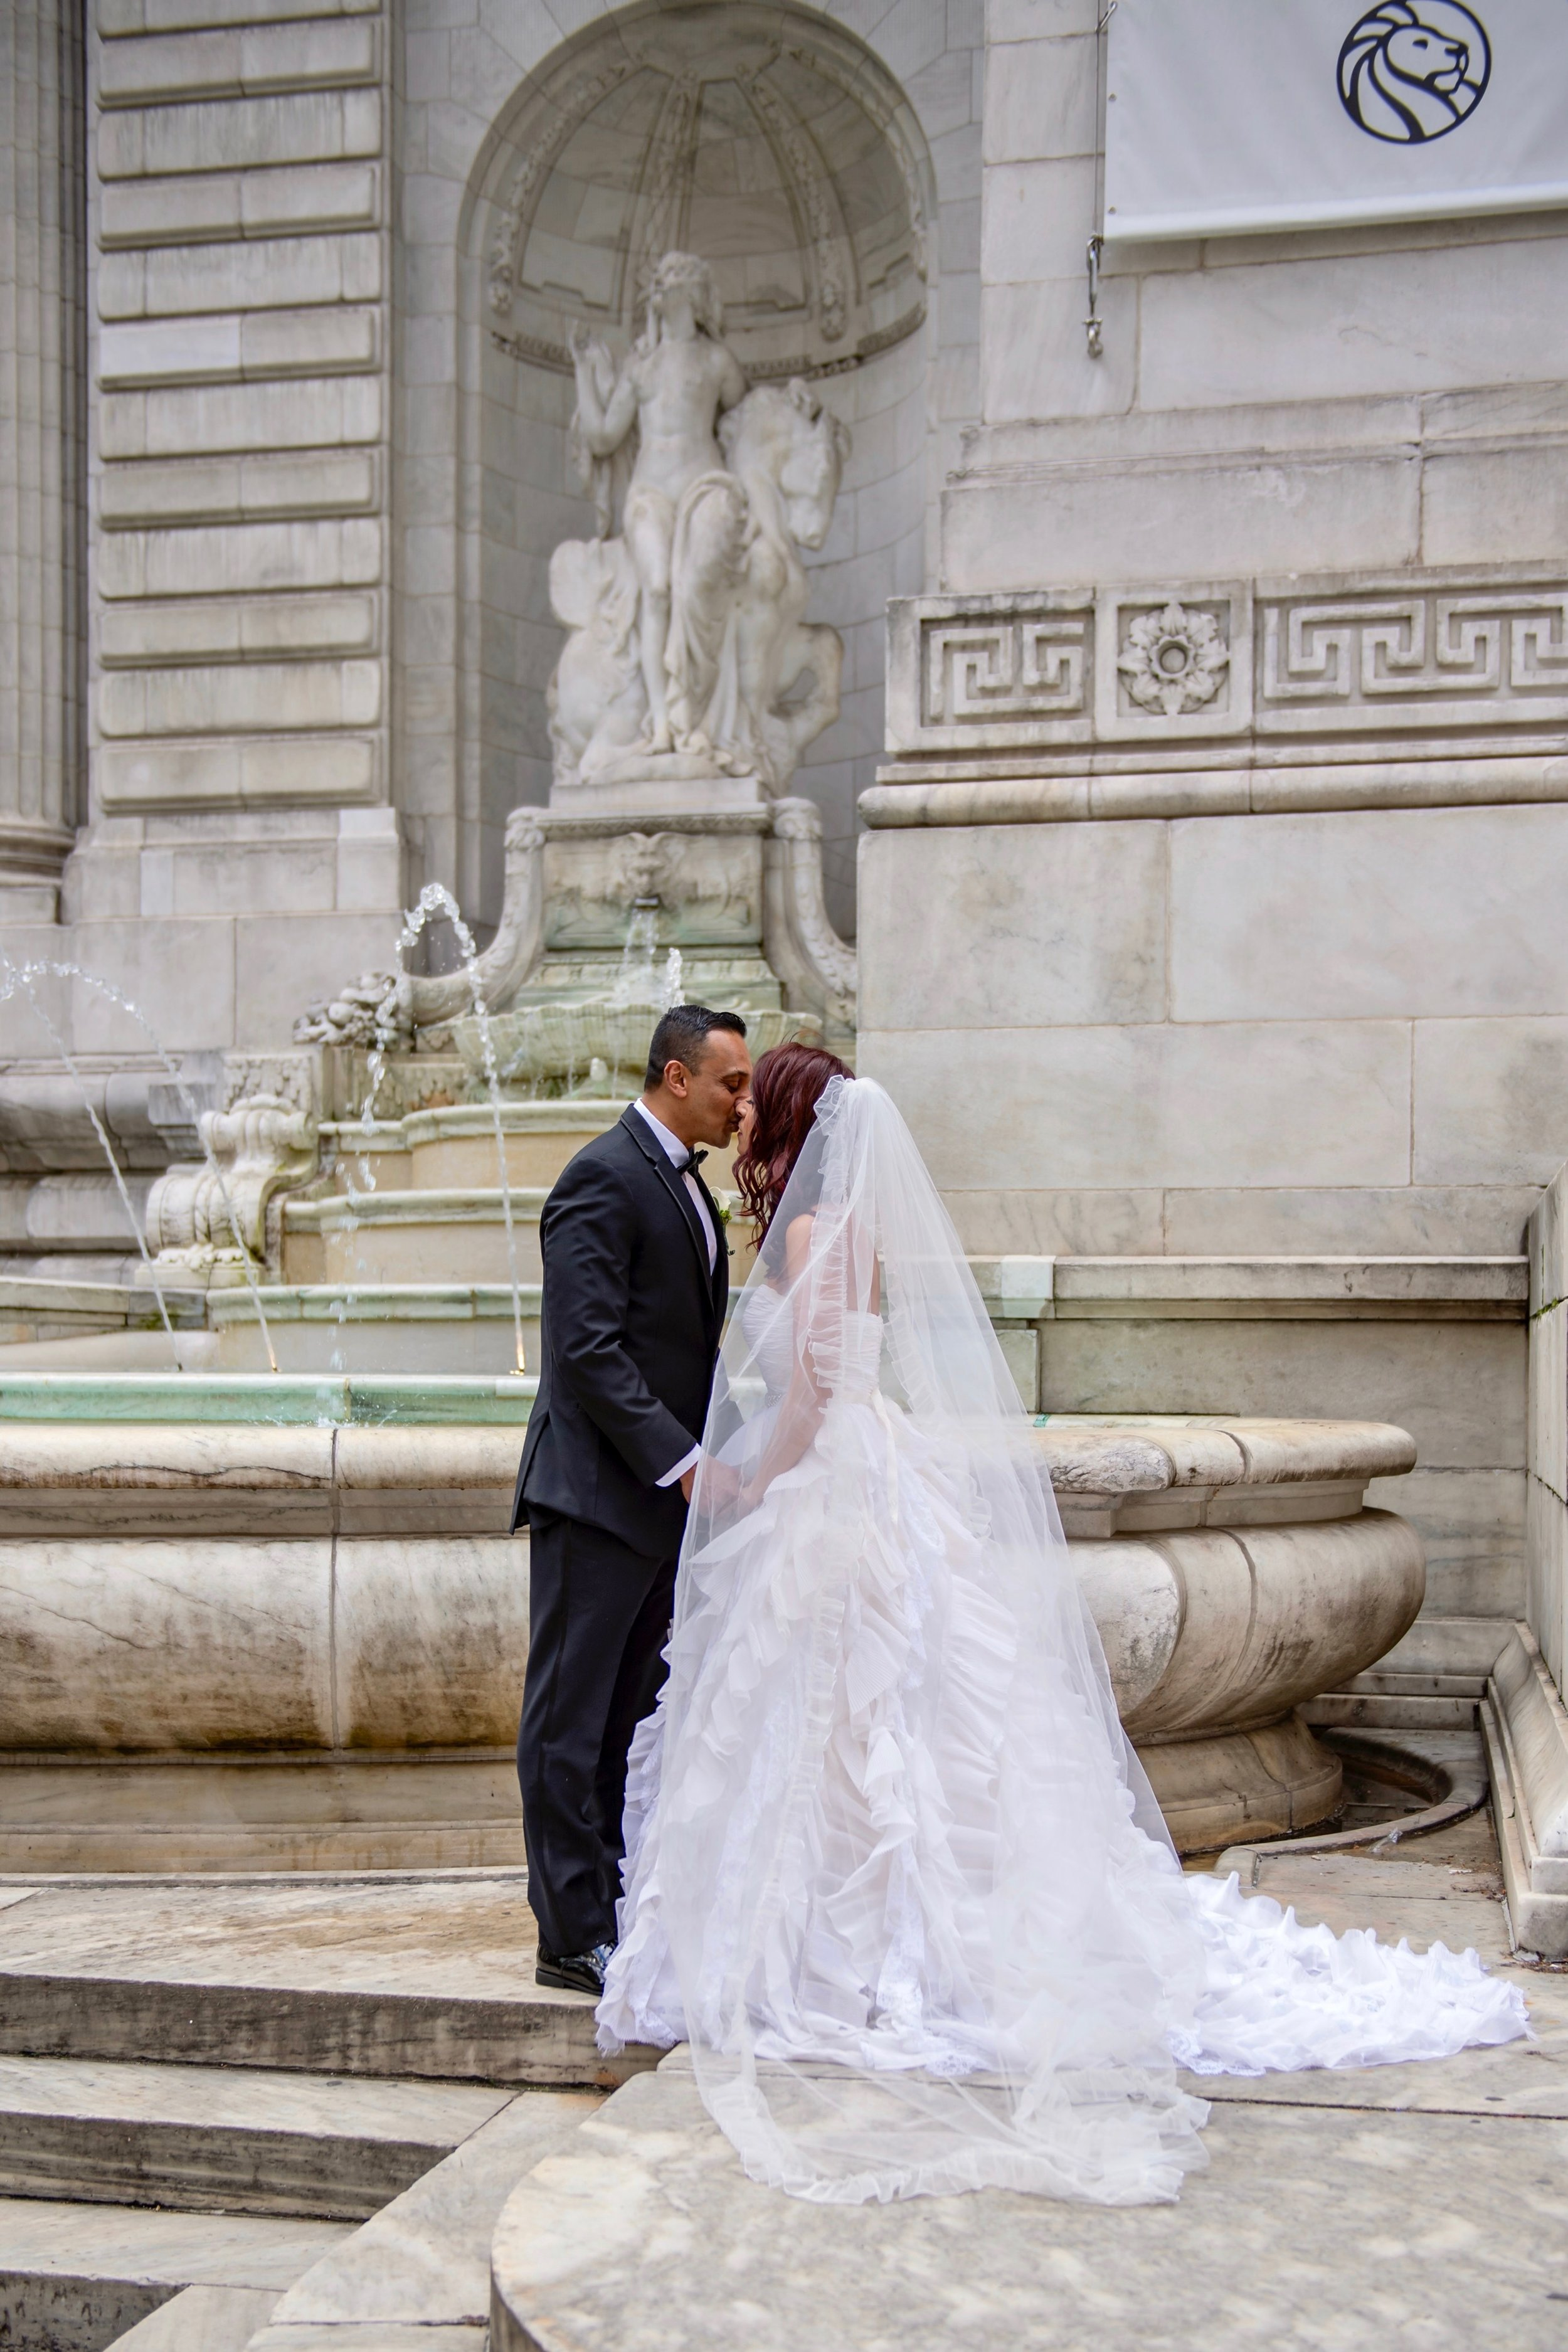 Barbara & Giri wedding at 3 West Club in NYC by Unveiled-Weddings.com